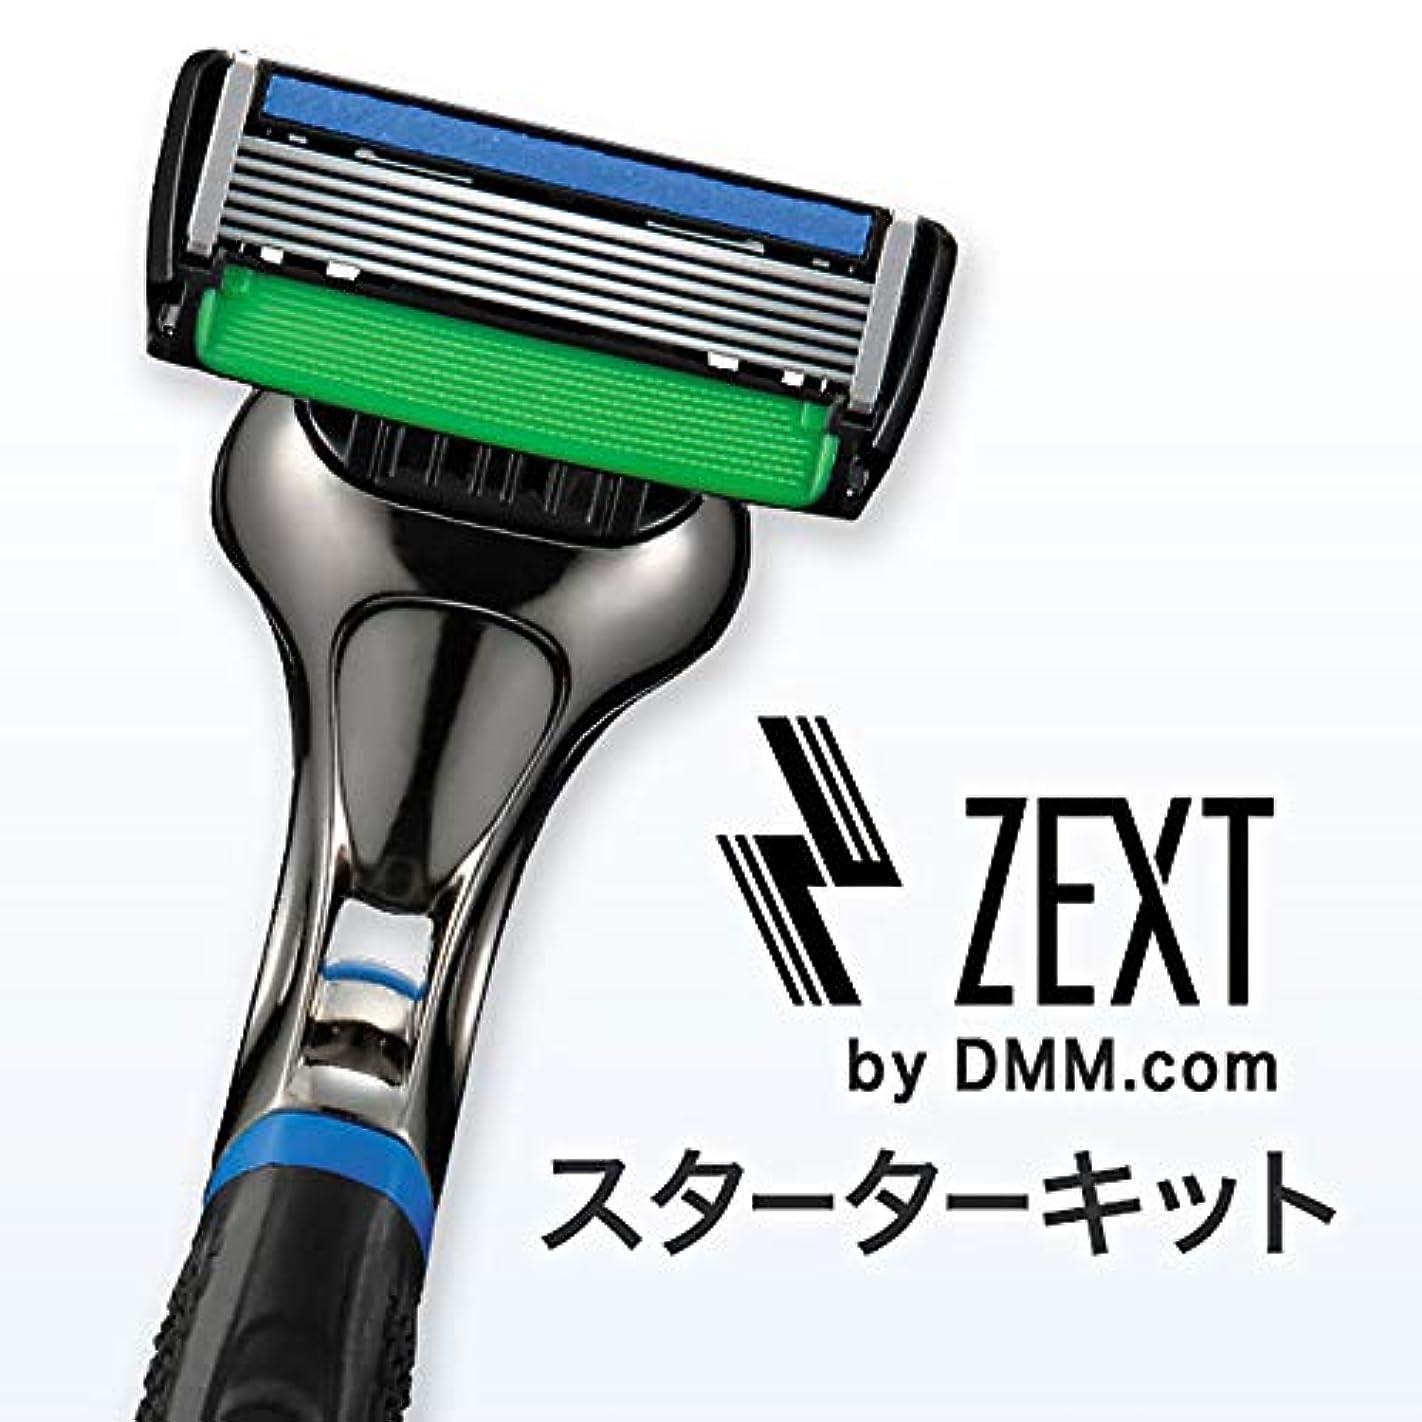 巻き取りどこ静的ZEXT 6枚刃カミソリ 本体替刃1個付